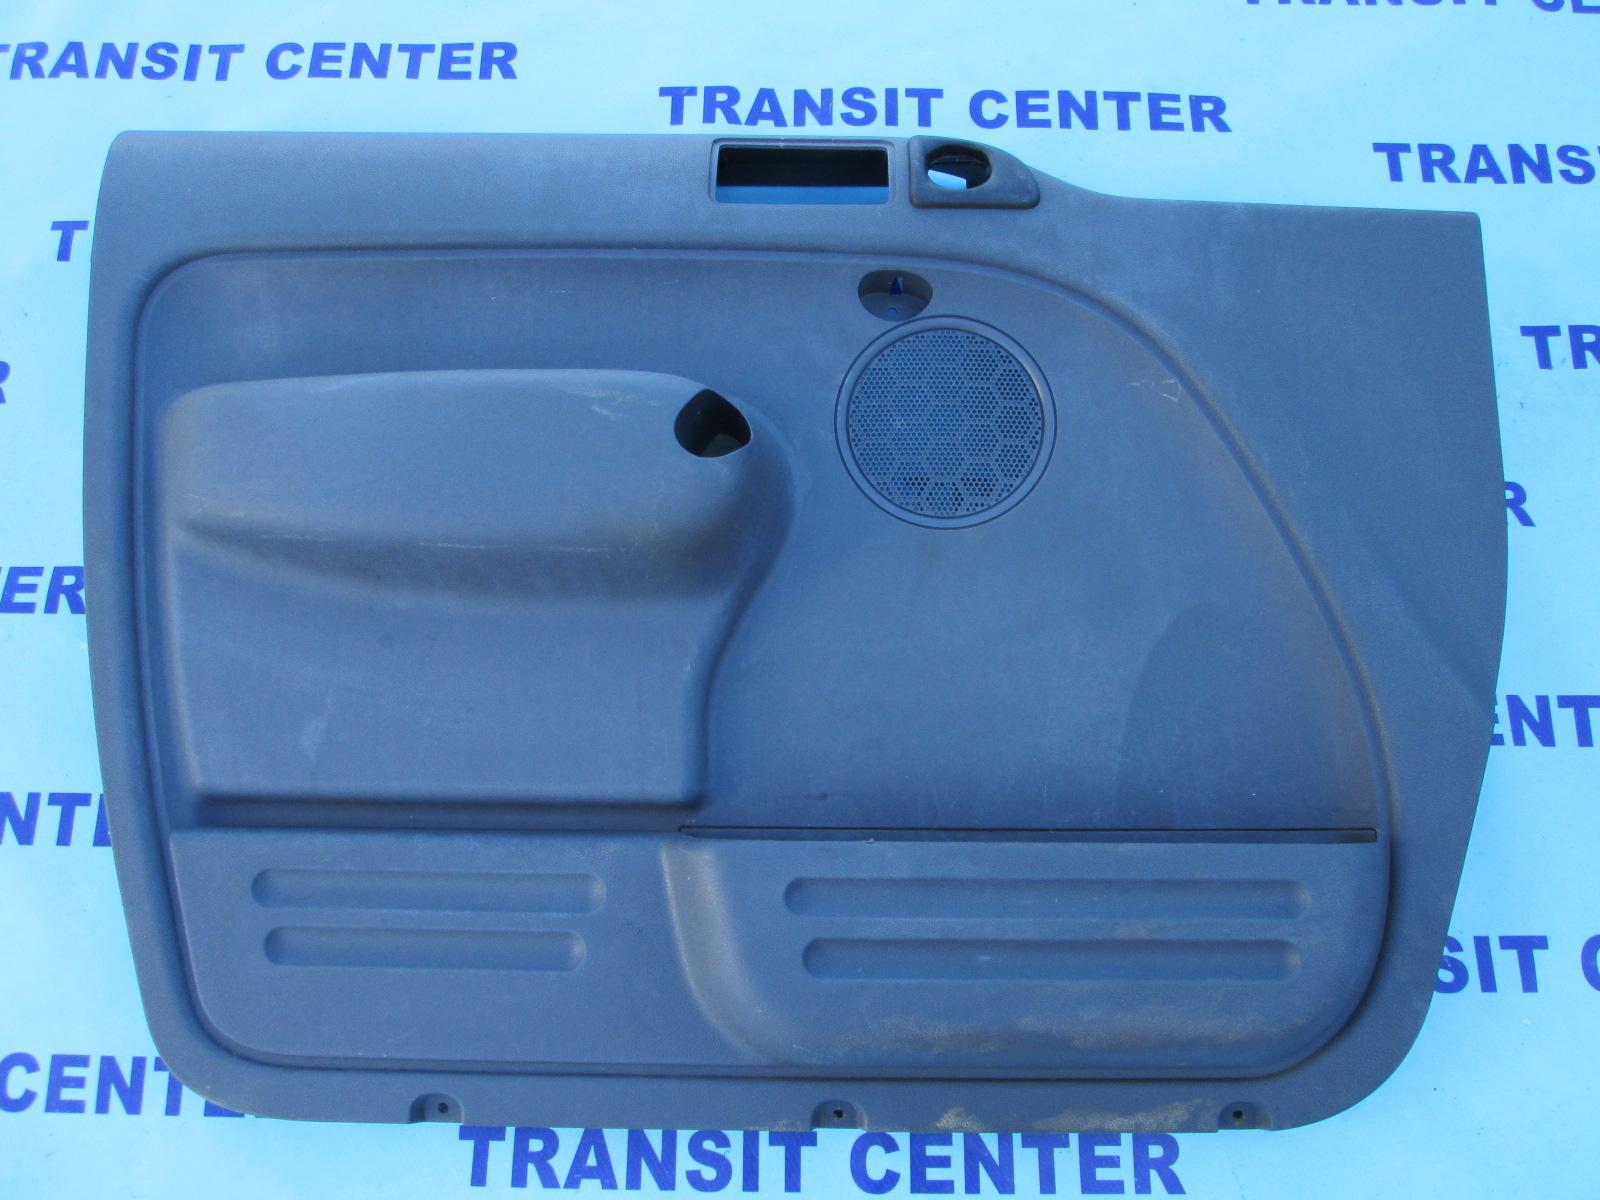 Garniture De Porte Avant Gauche Ford Transit Connect - Panneau de porte